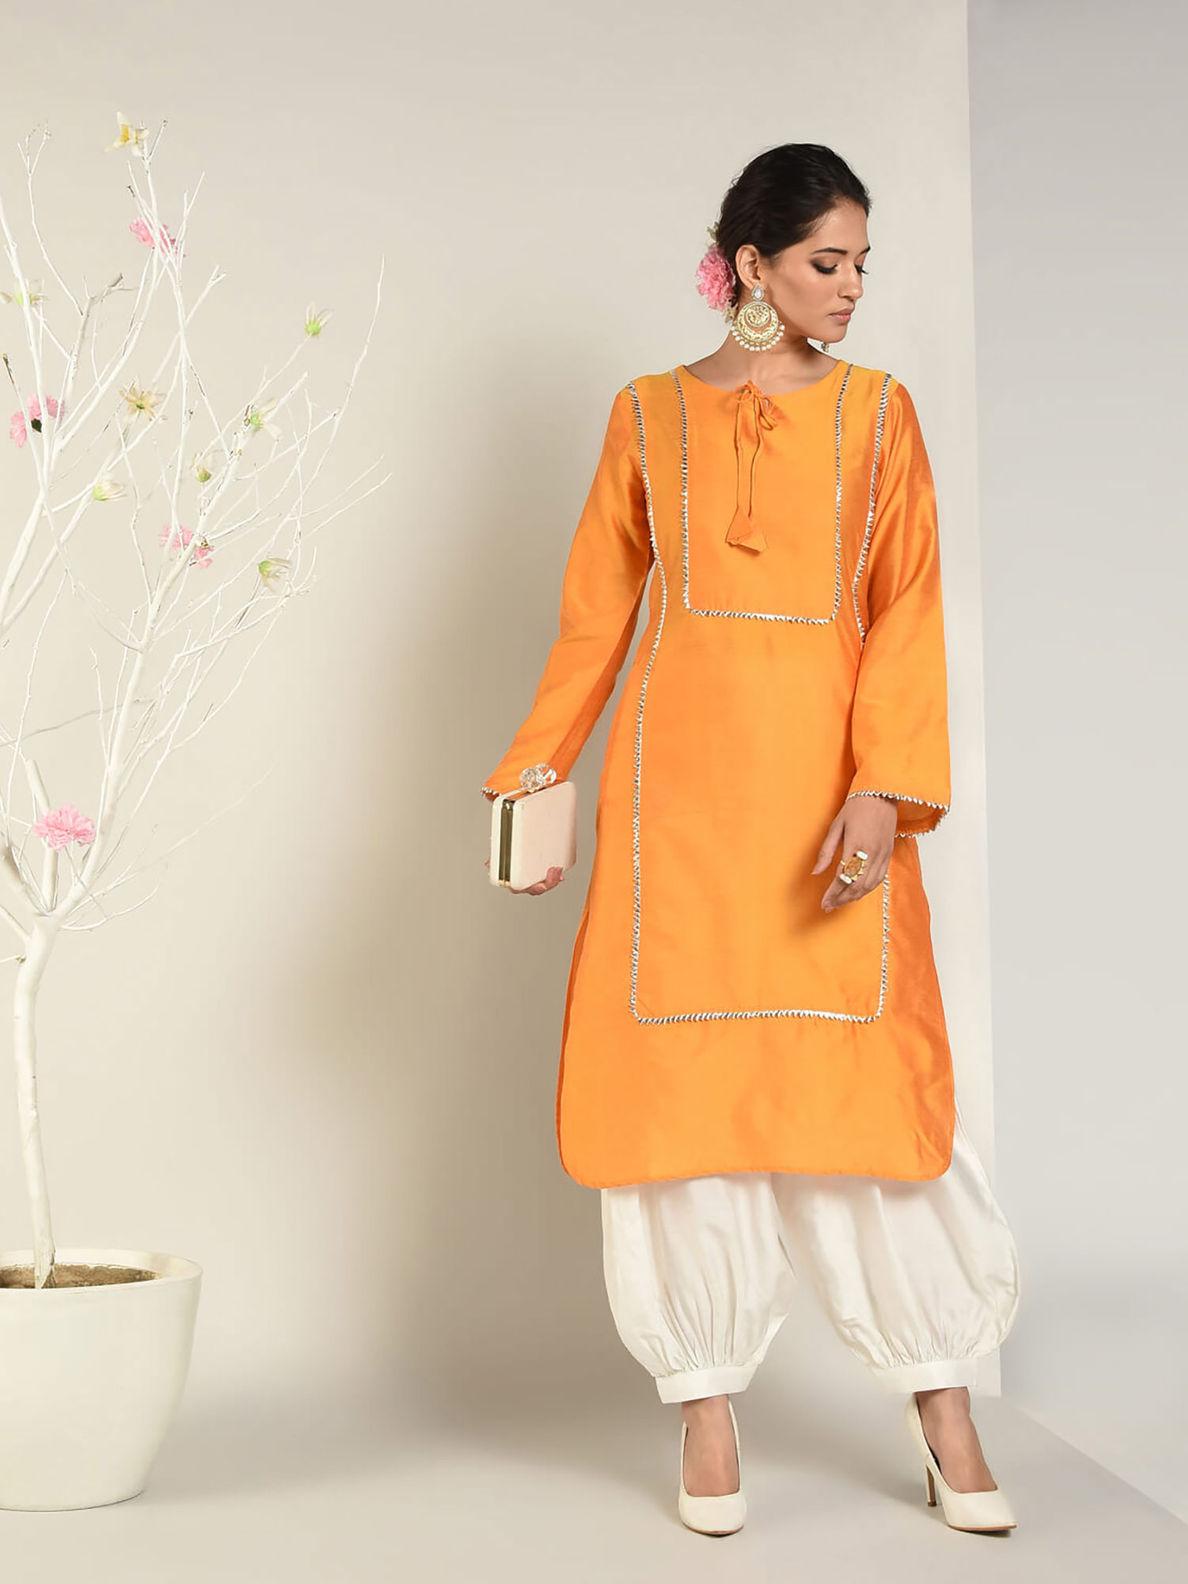 orange color Indian wear